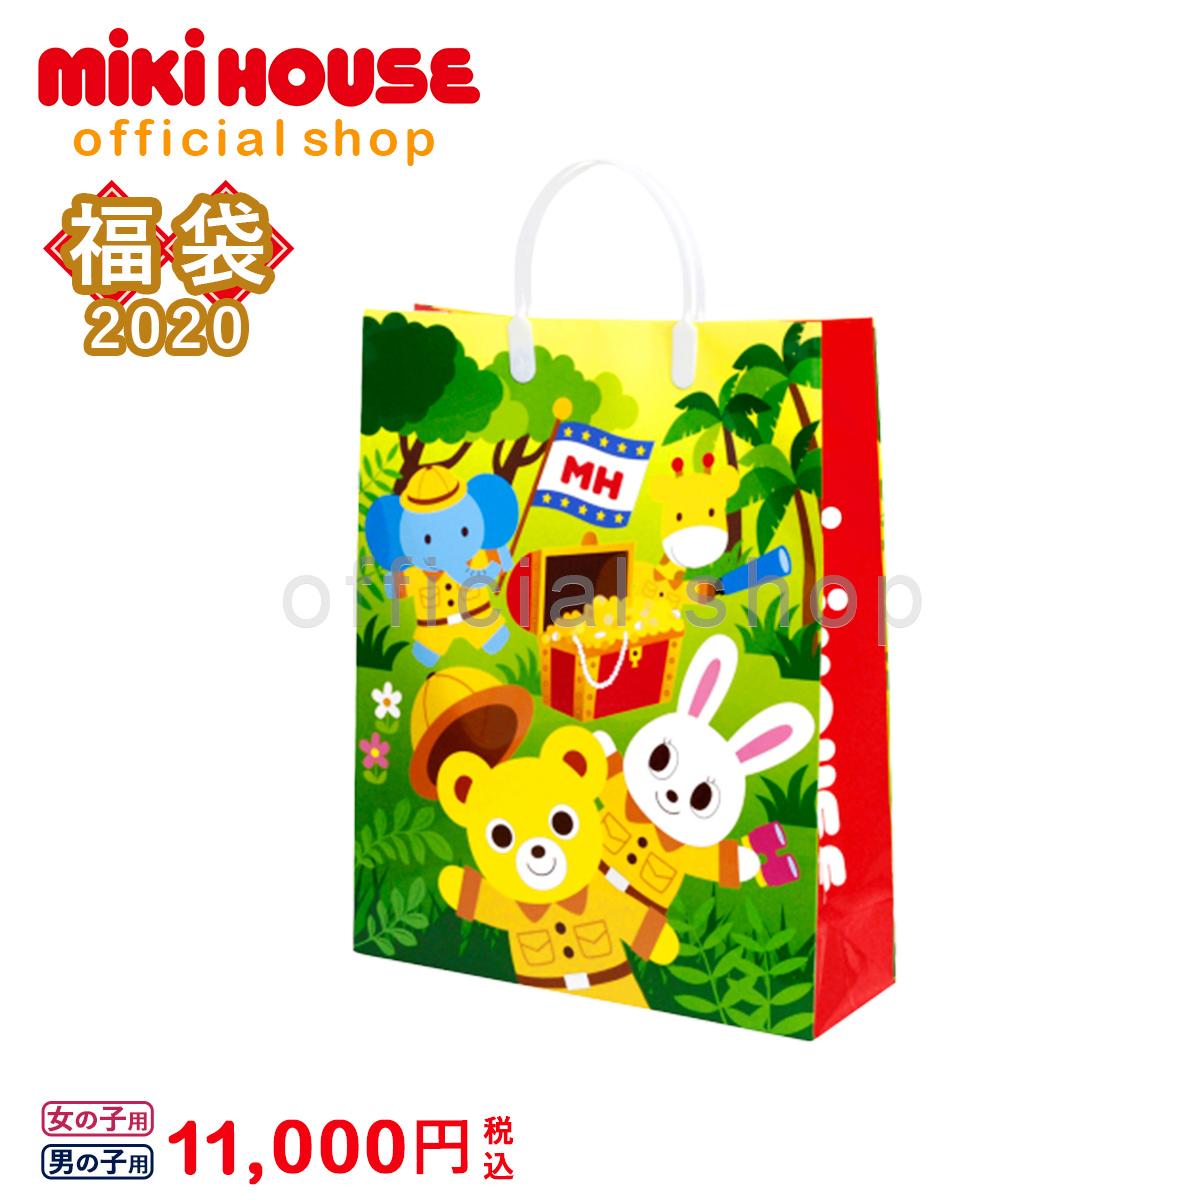 ミキハウス 1万円福袋